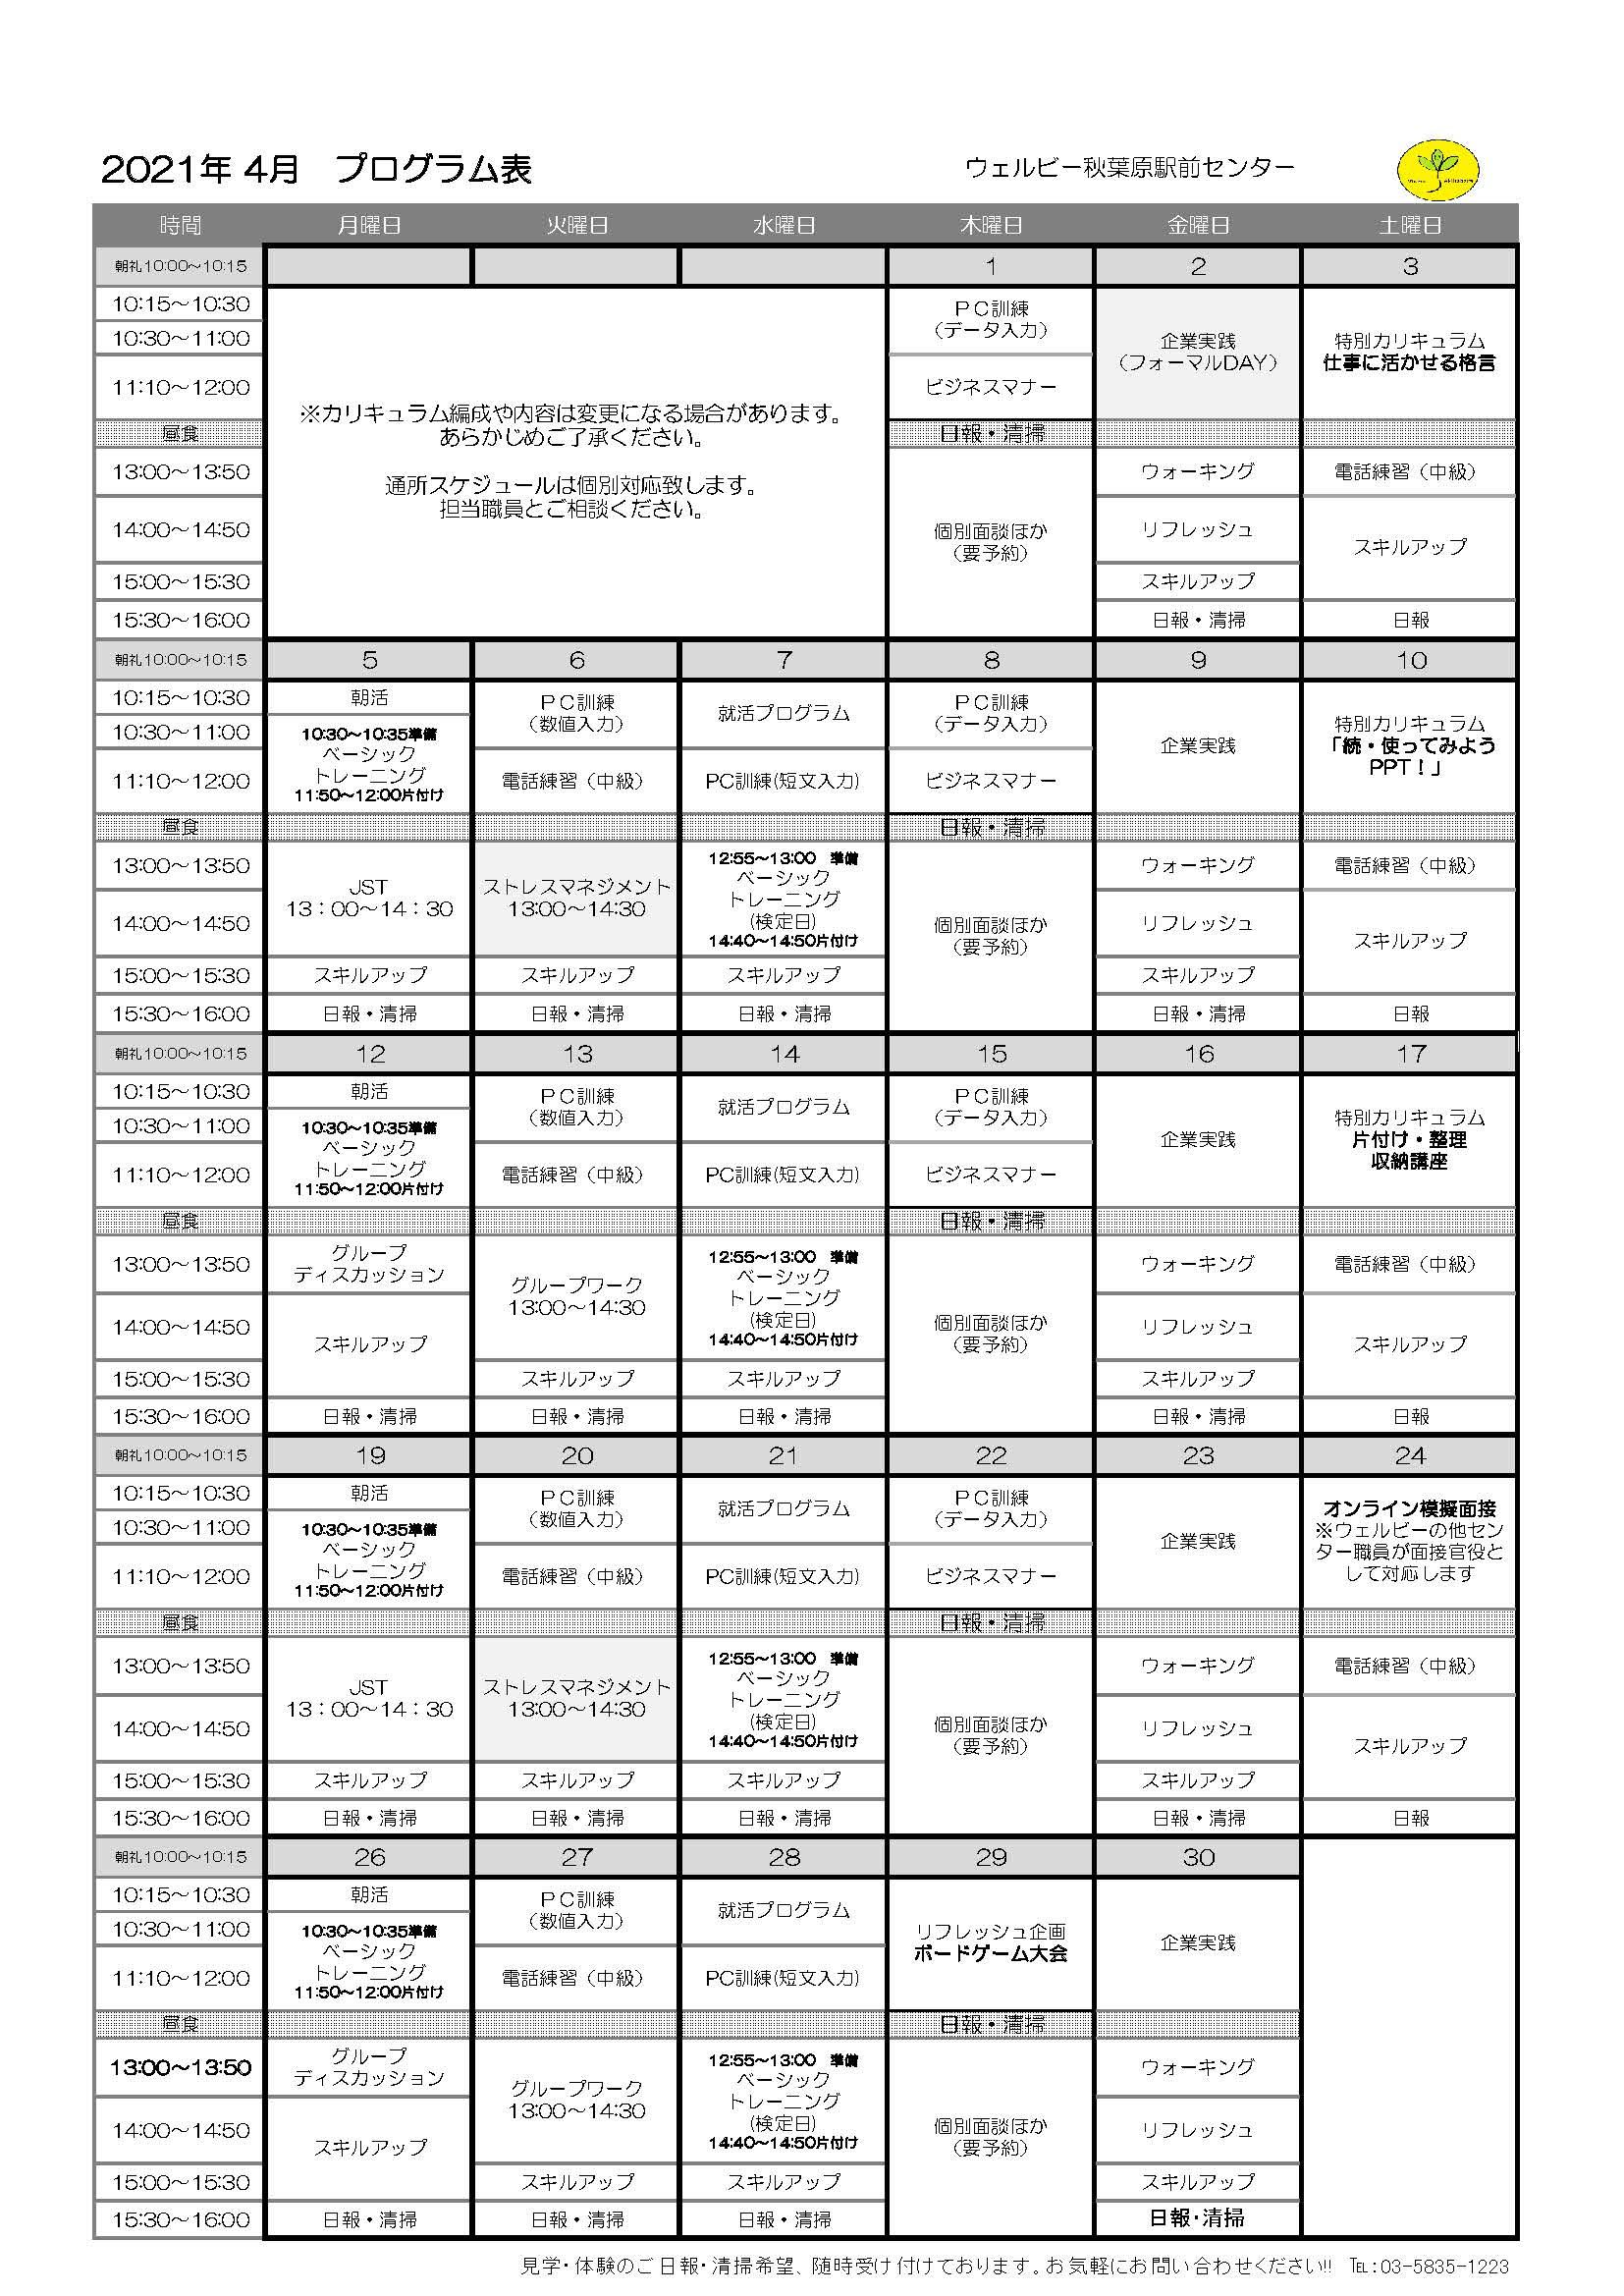 秋葉原駅前センター月間プログラム表(4月)